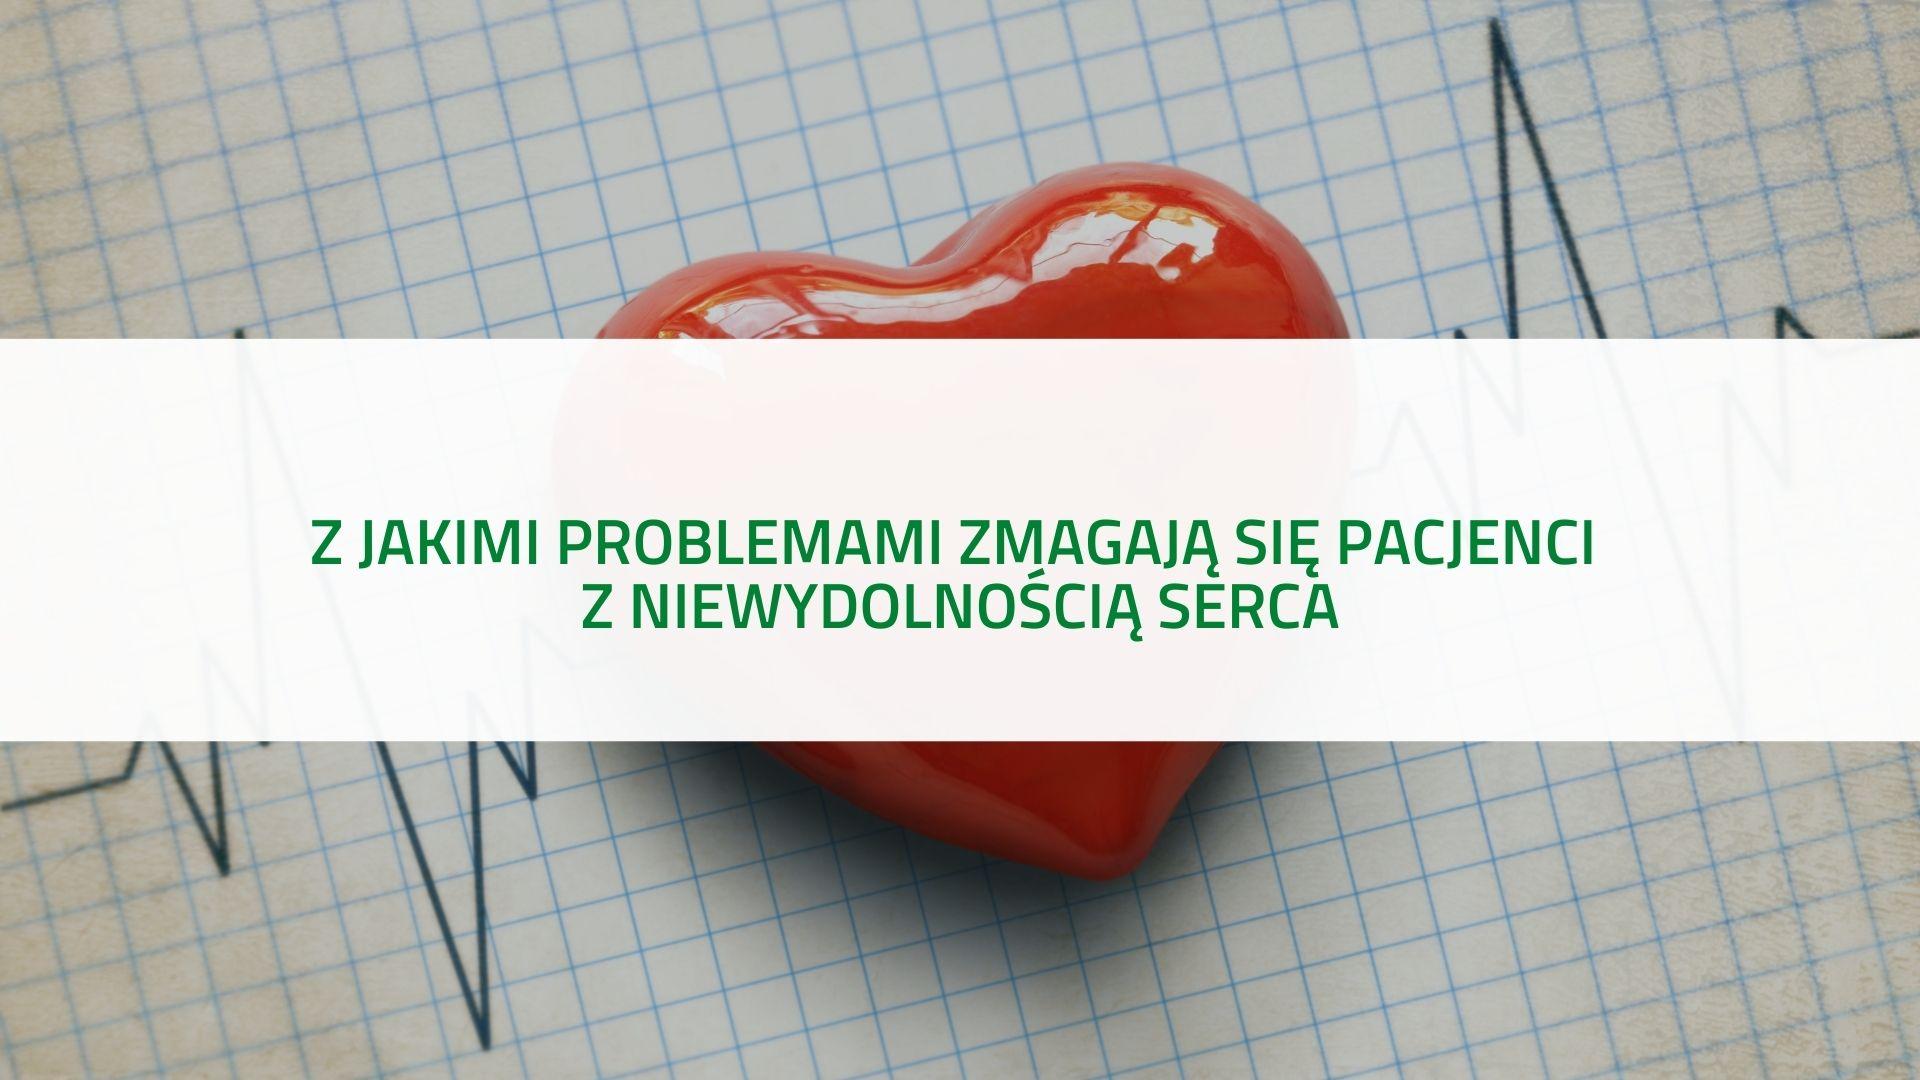 PODCAST - Z jakimi problemami zmagają się pacjenci z niewydolnością serca